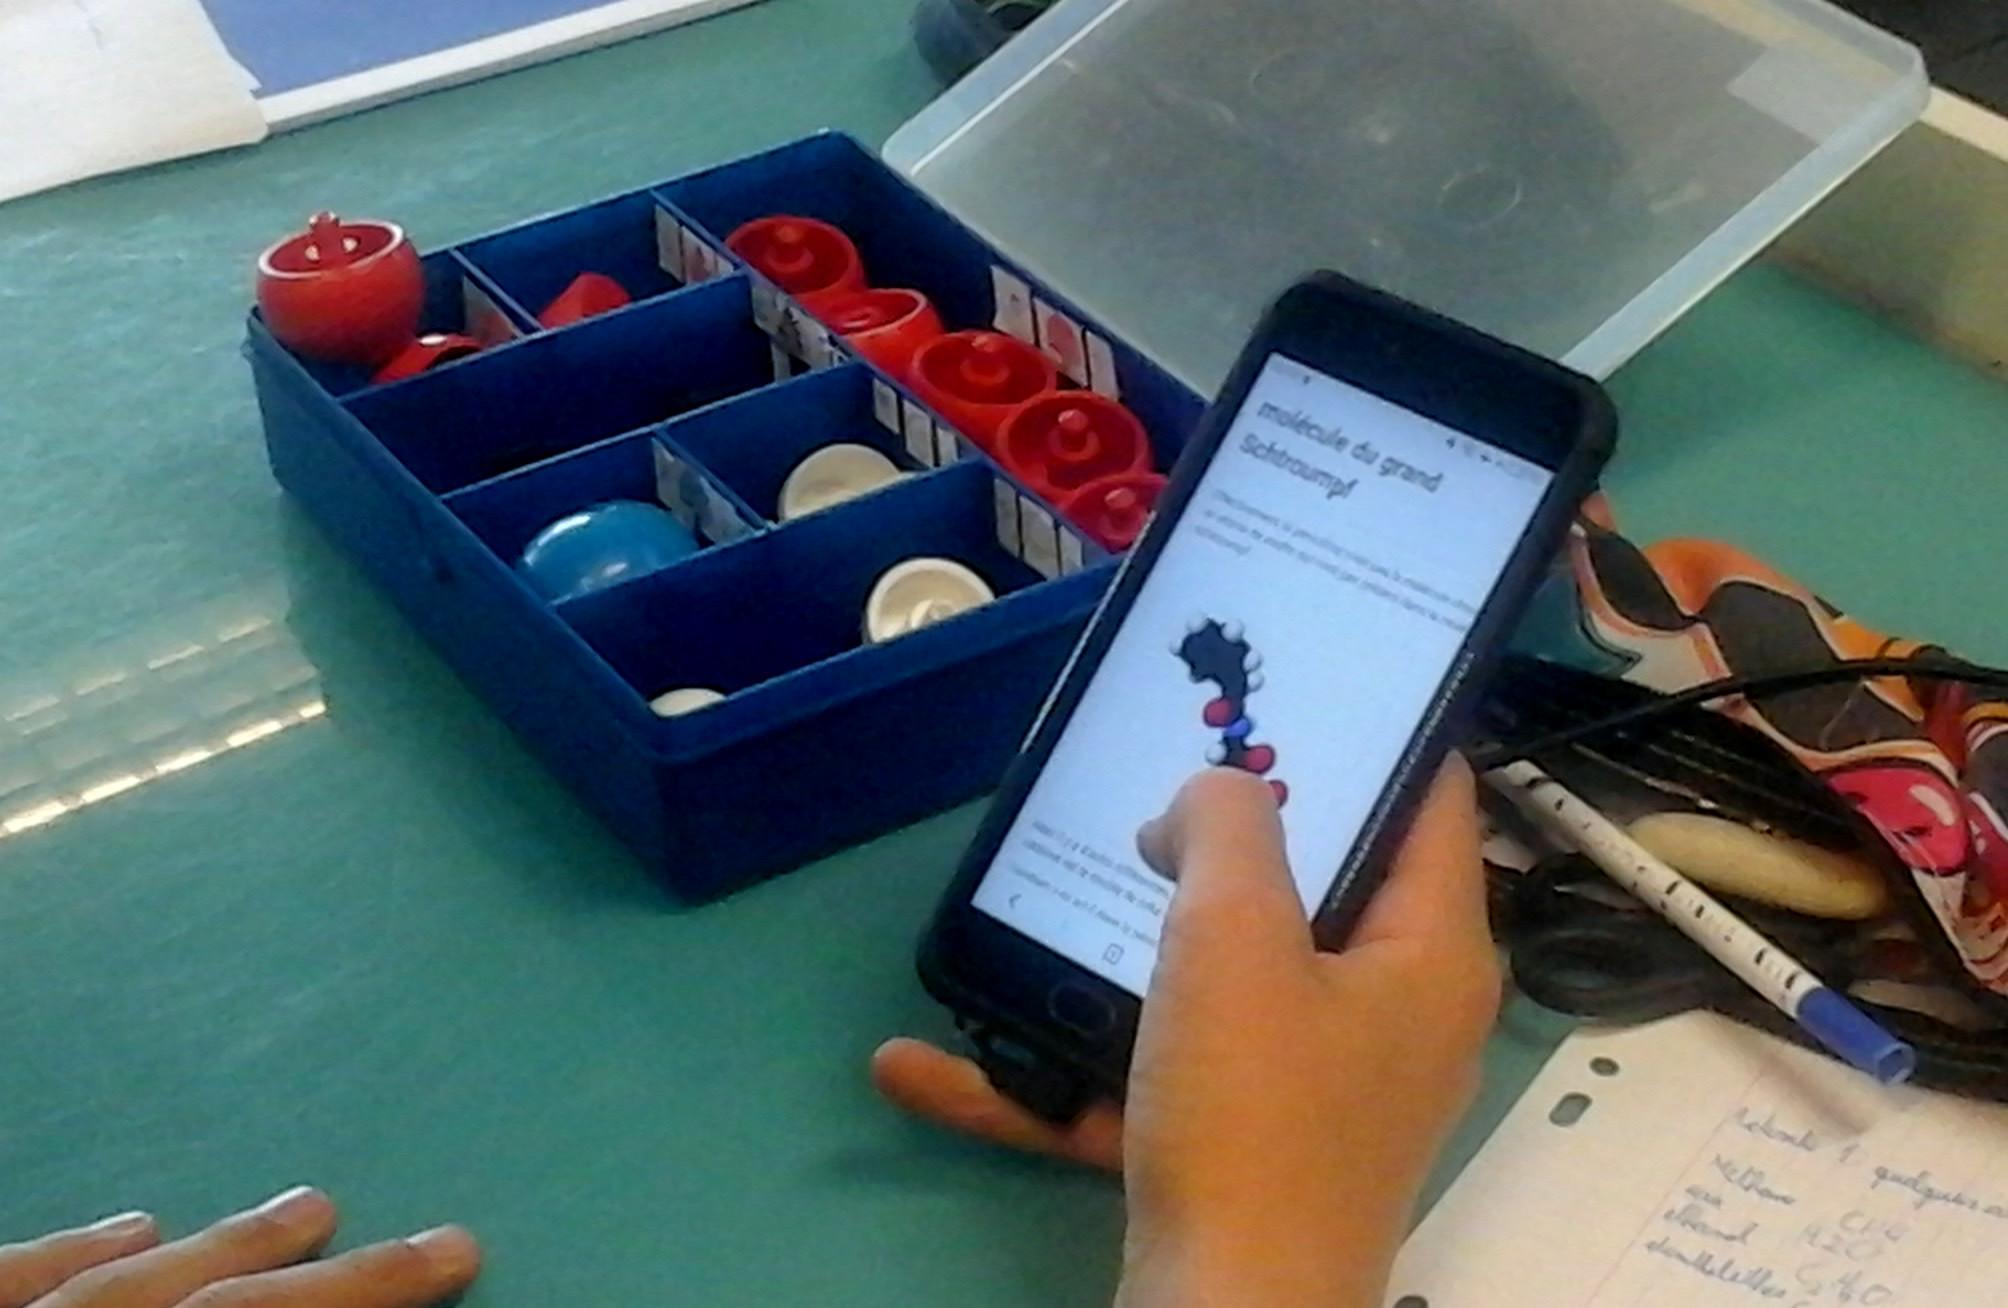 École de demain   Quels sont vos usages des smartphones avec les élèves   2b093d23102